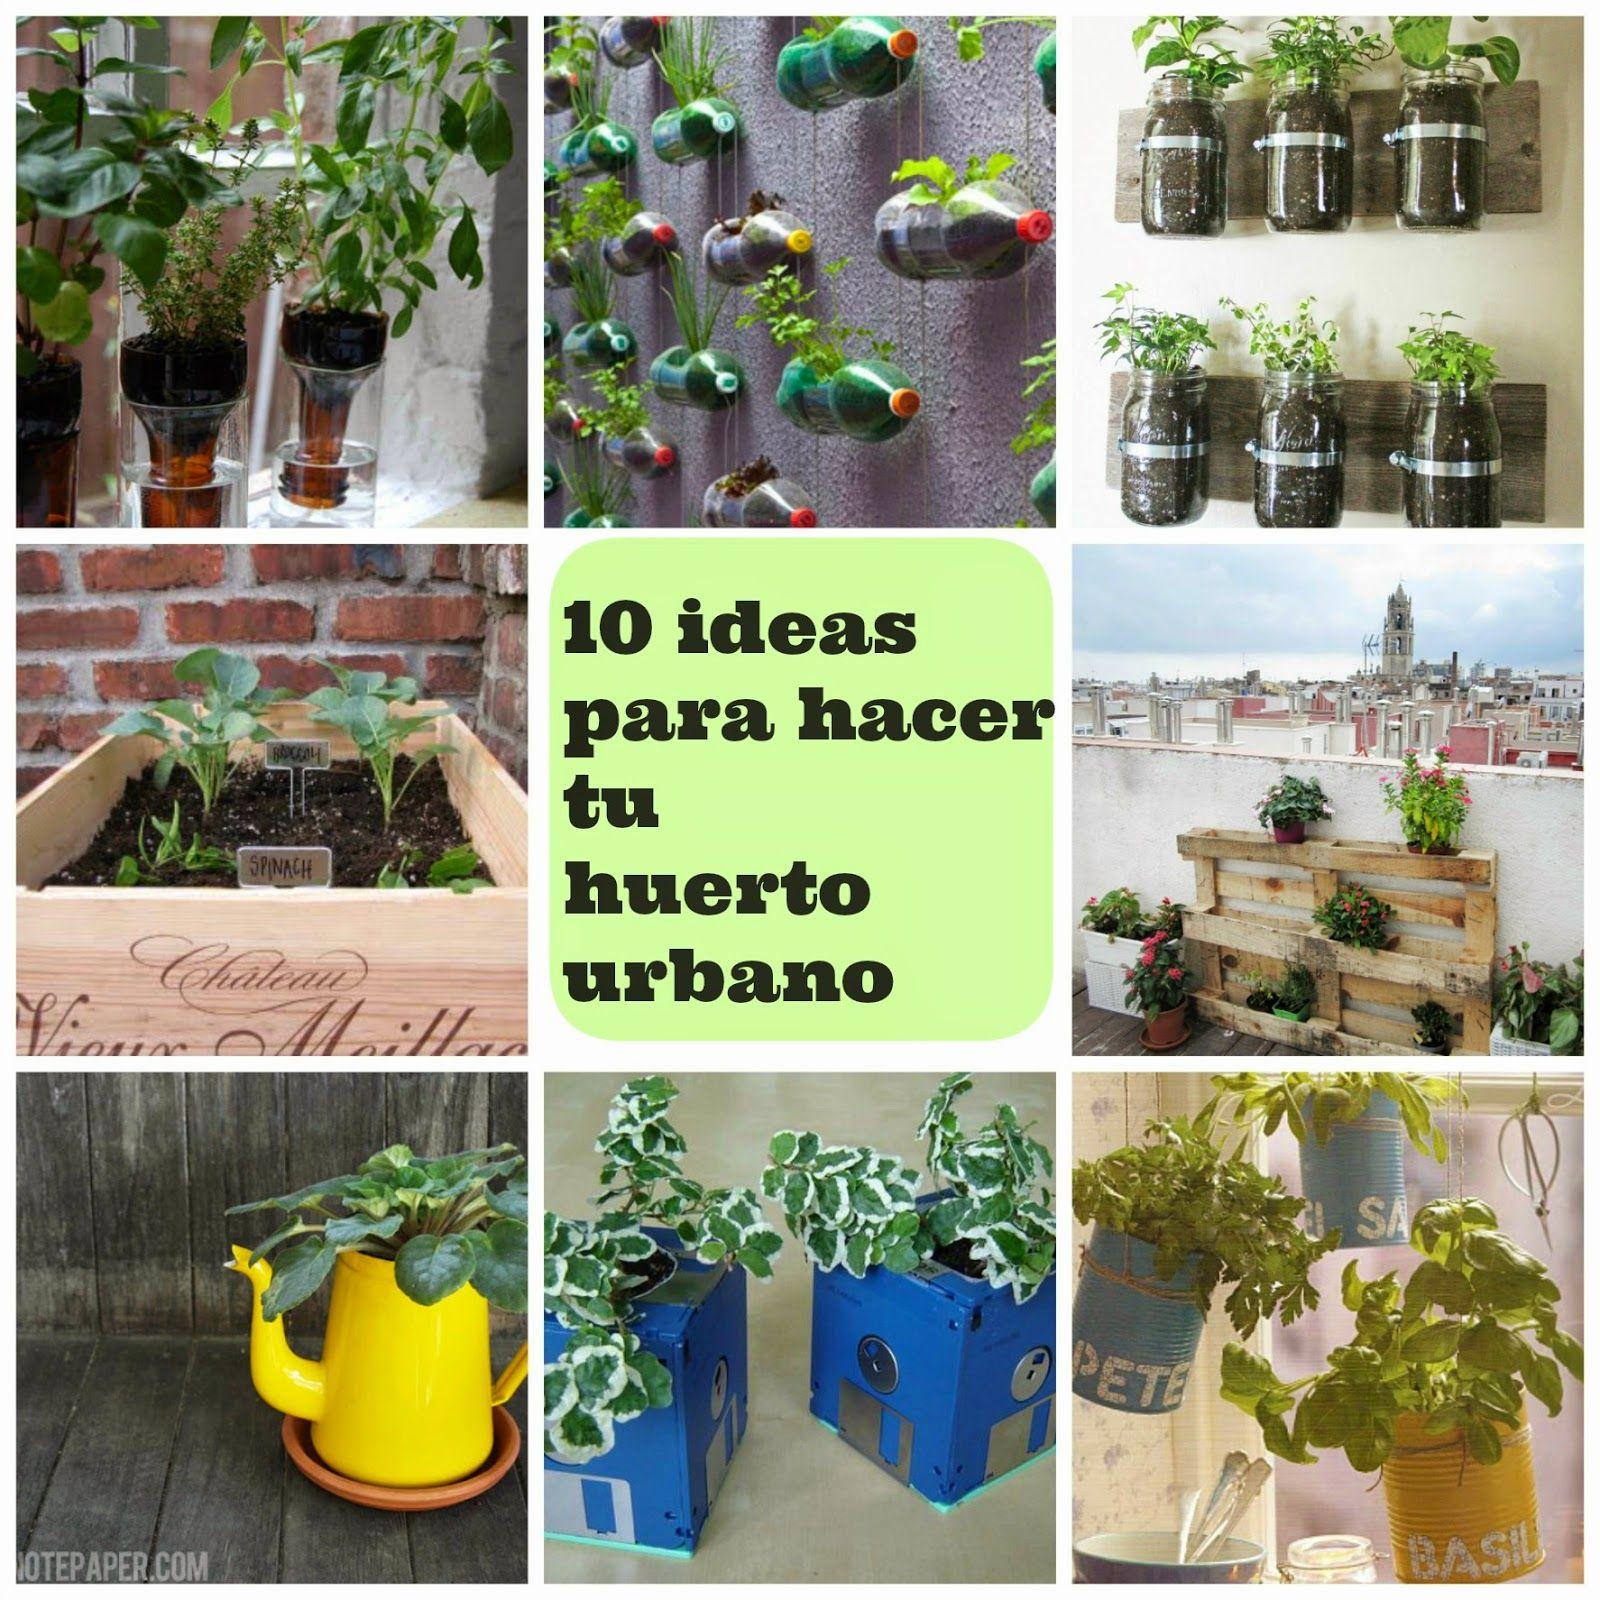 Manzanaterapia 10 ideas para hacer tu huerto urbano jardiner a pinterest huerto urbano - El huerto en casa ...